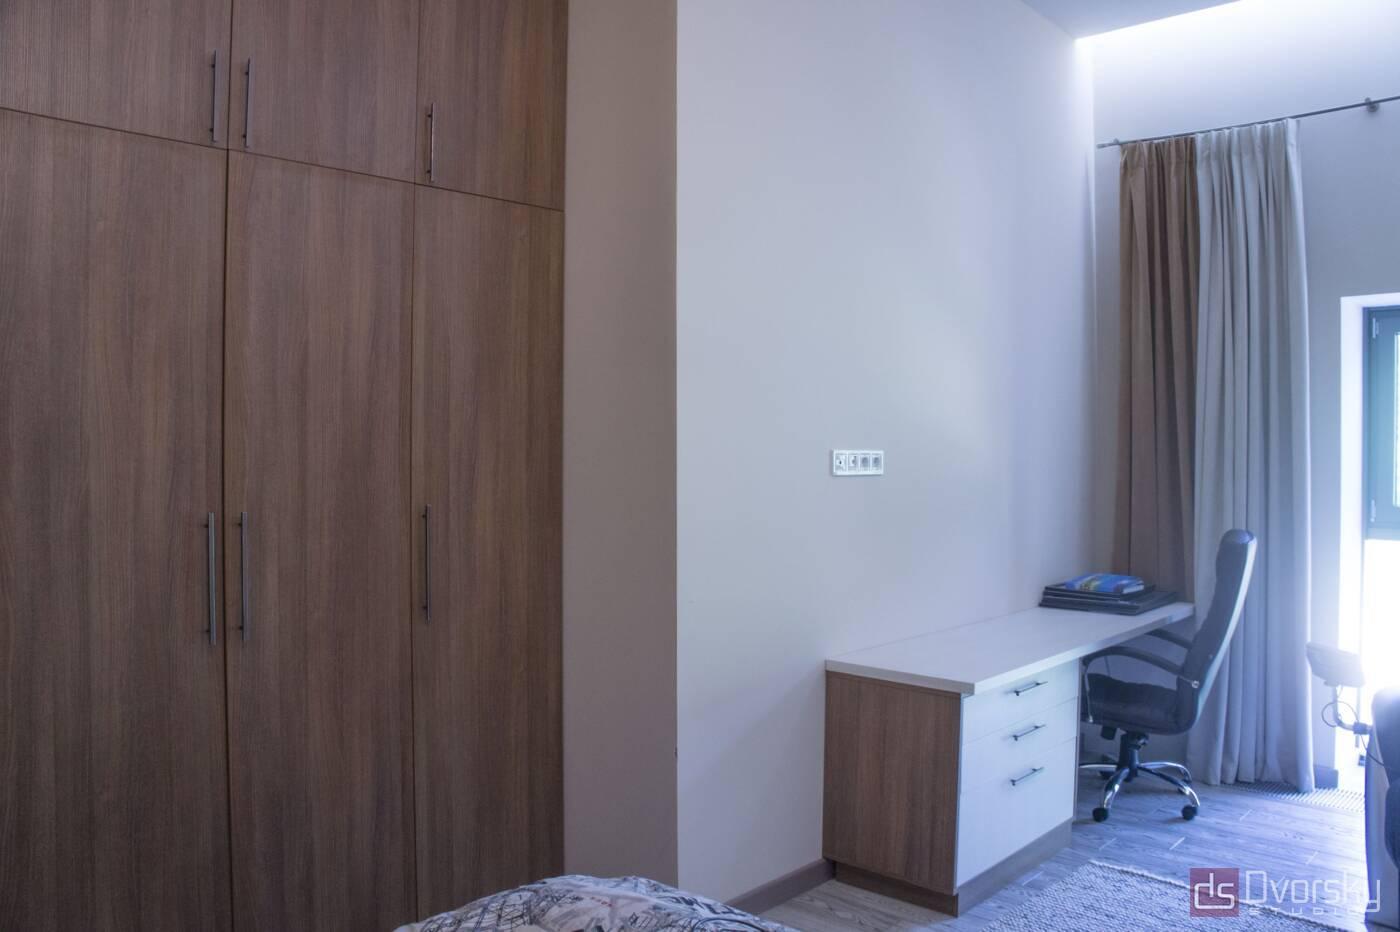 Спальни Спальня с узкой кроватью - Фото № 5